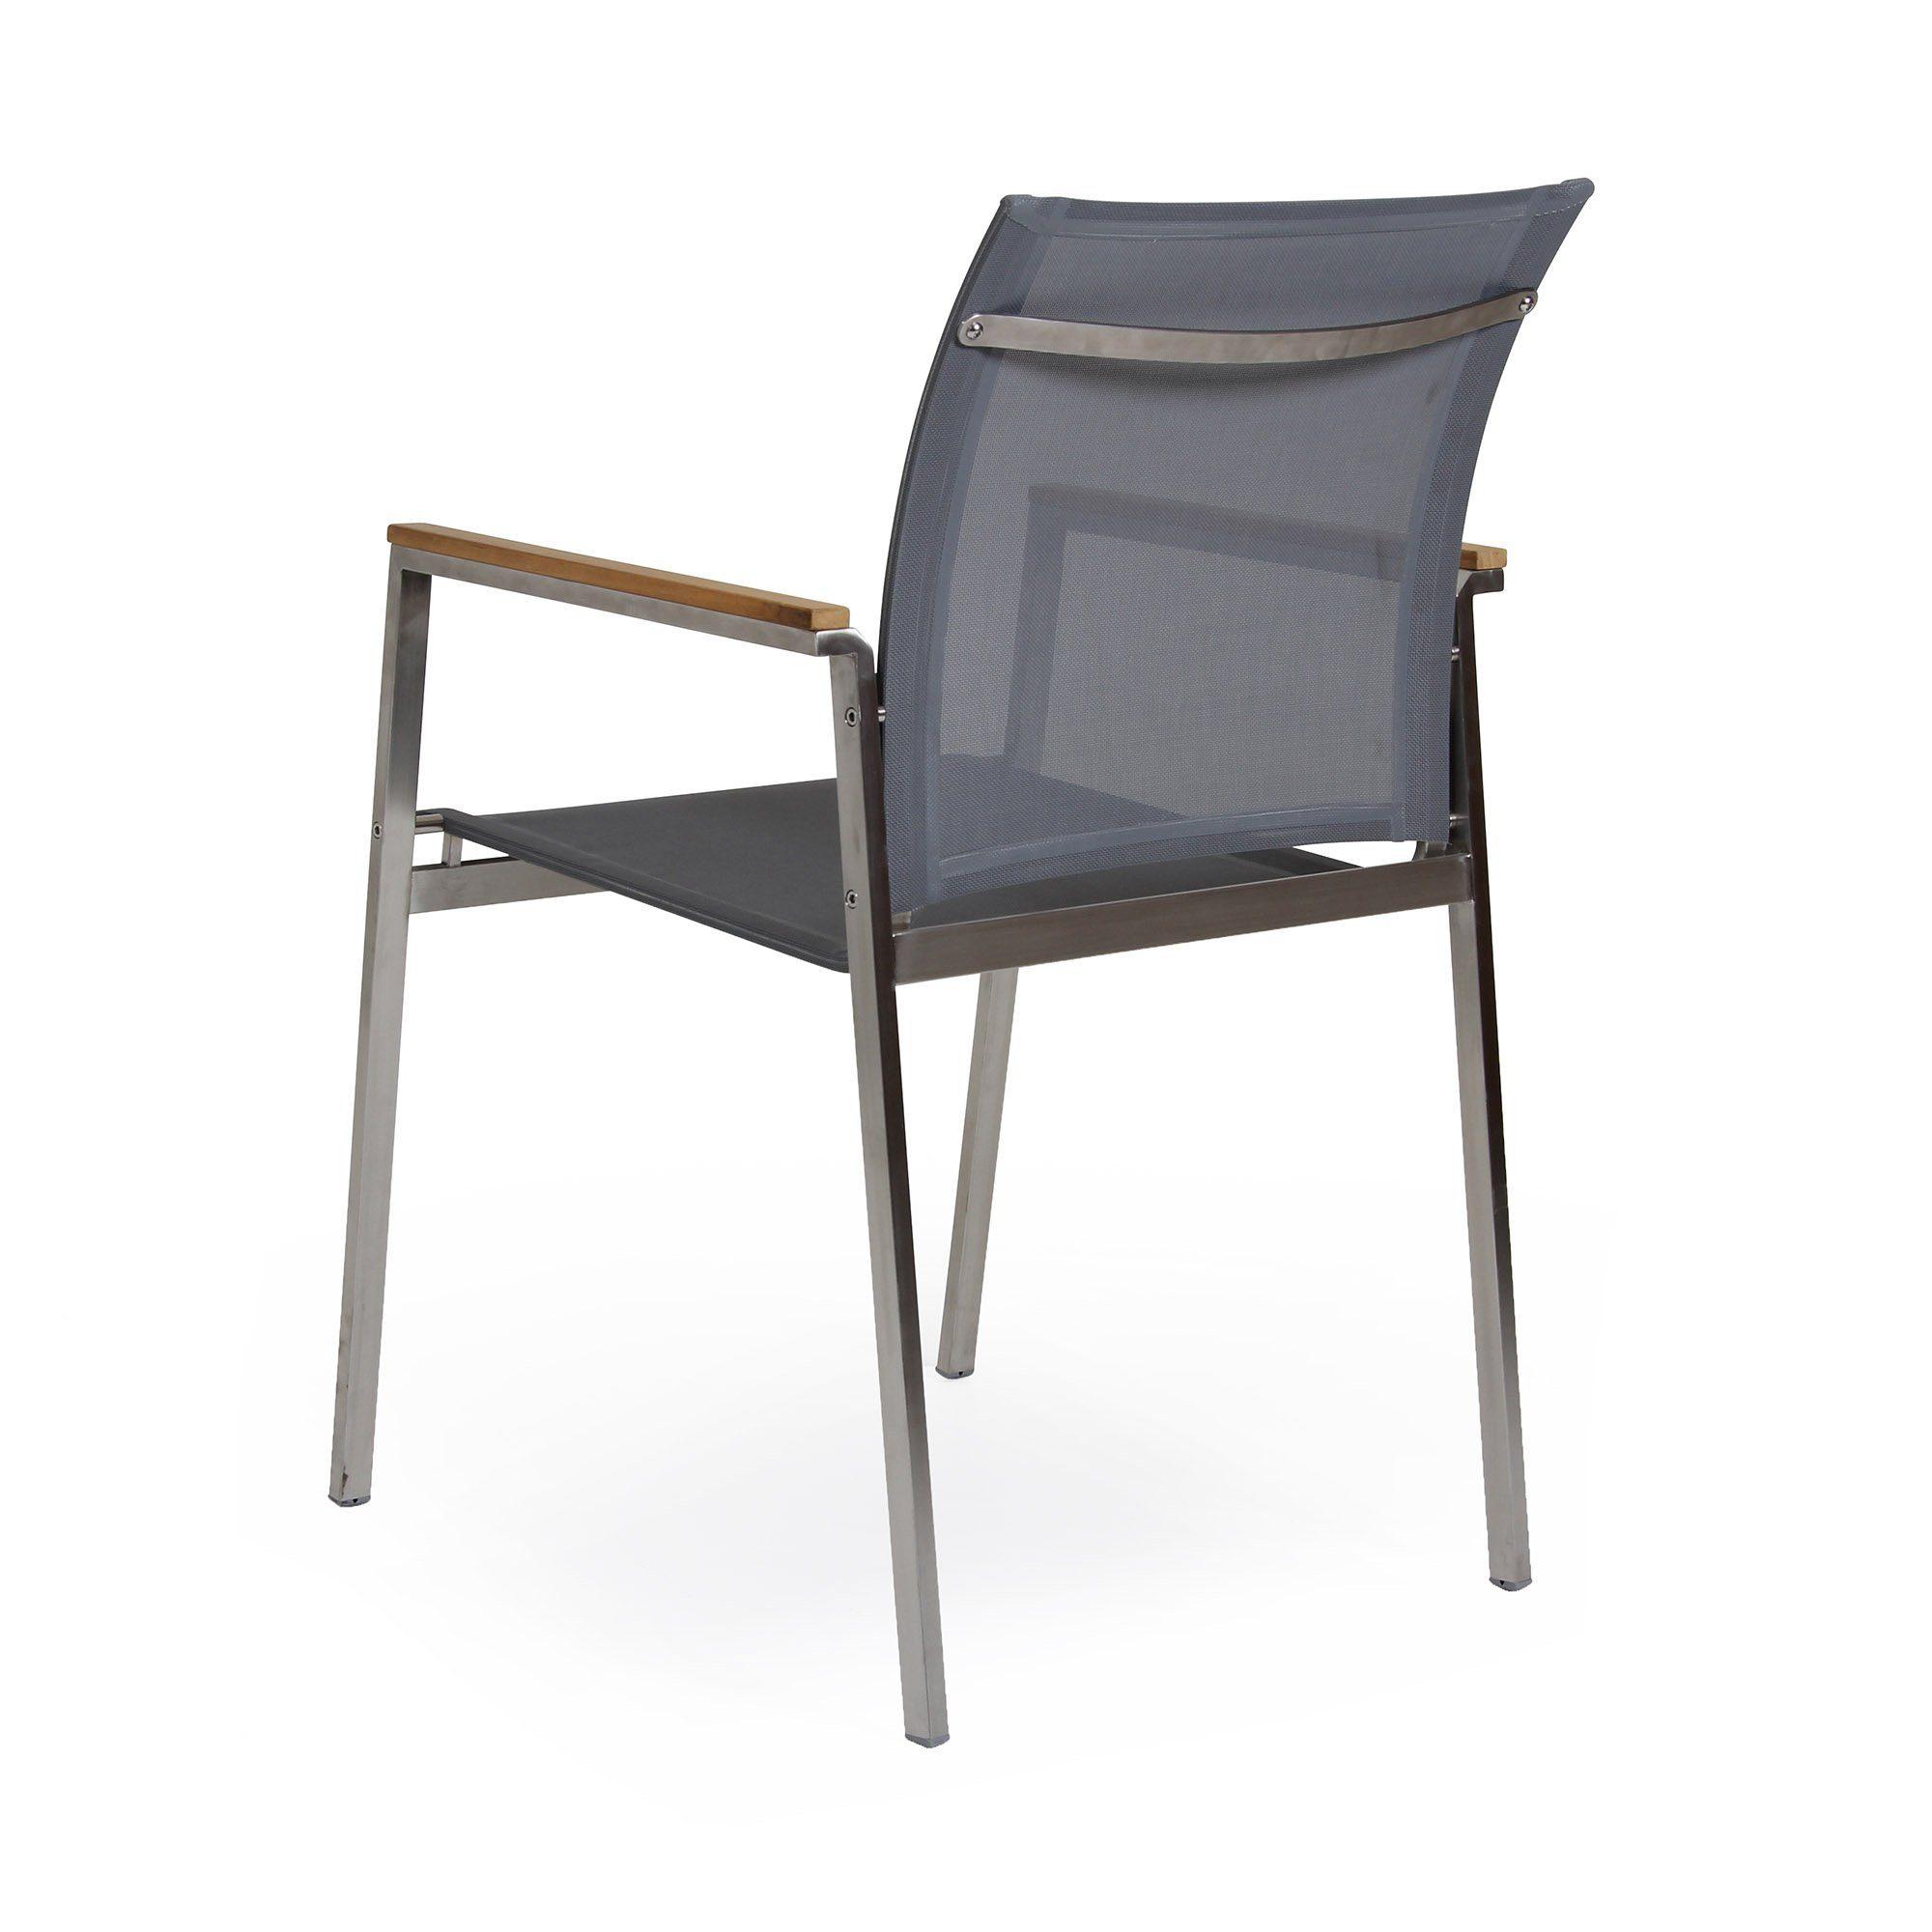 Hinton stapelstol i rostfri stål och textilene från Brafab.